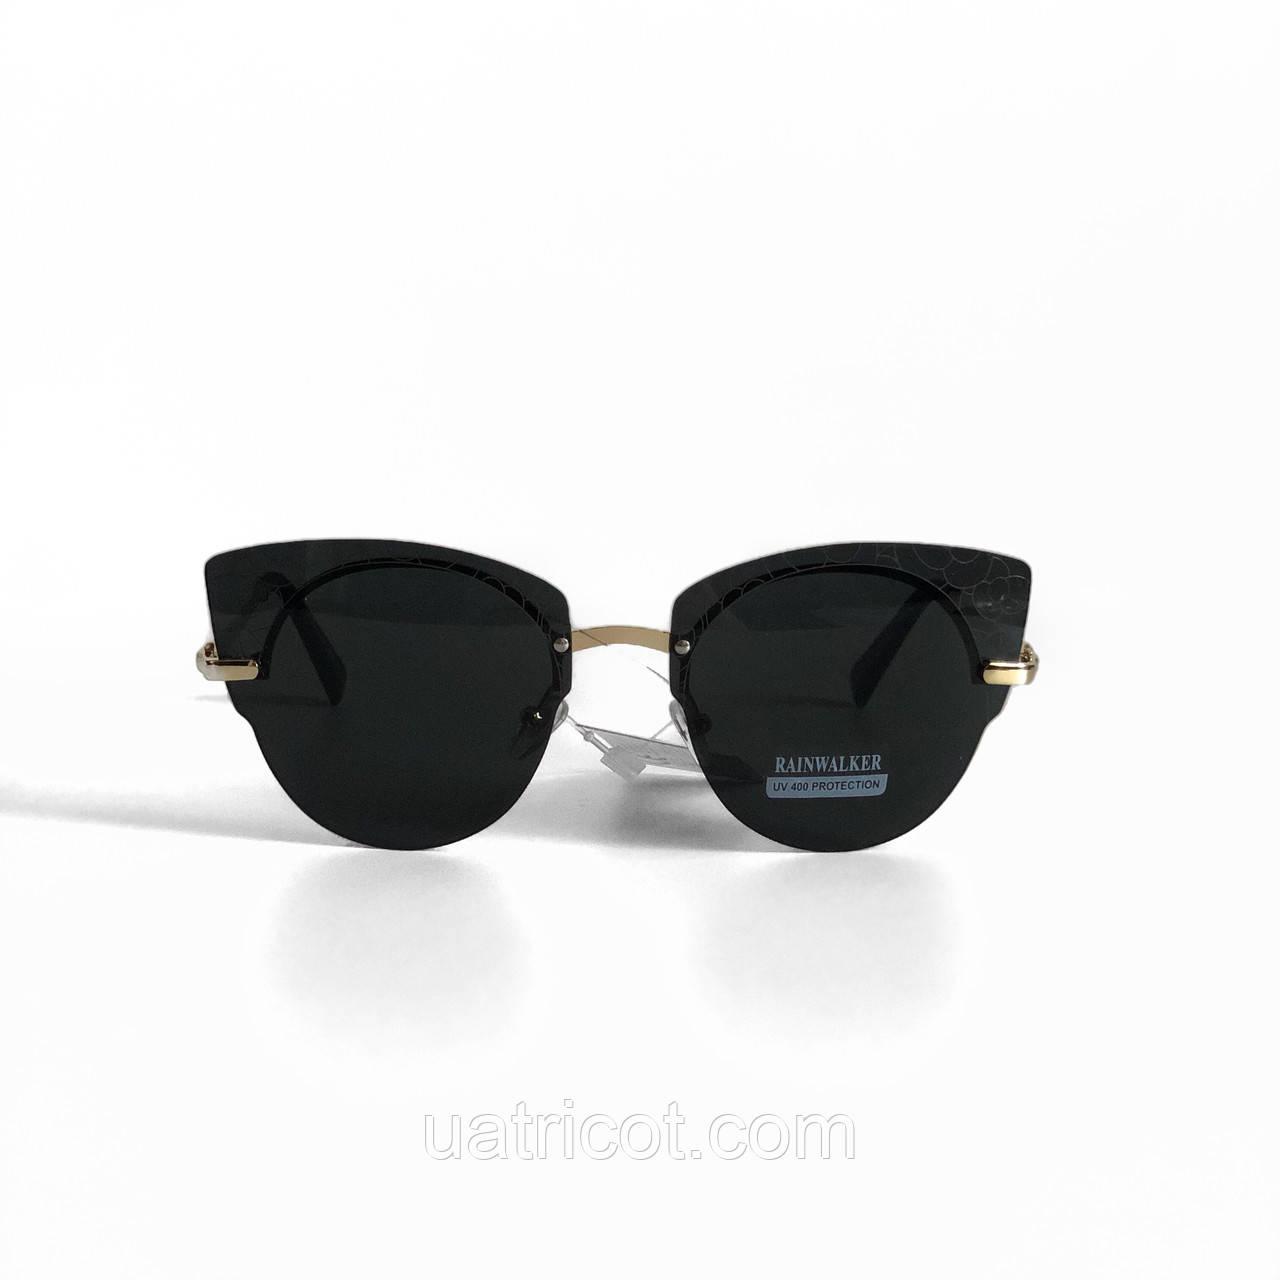 Женские солнцезащитные очки Rainwalker с чёрными линзами